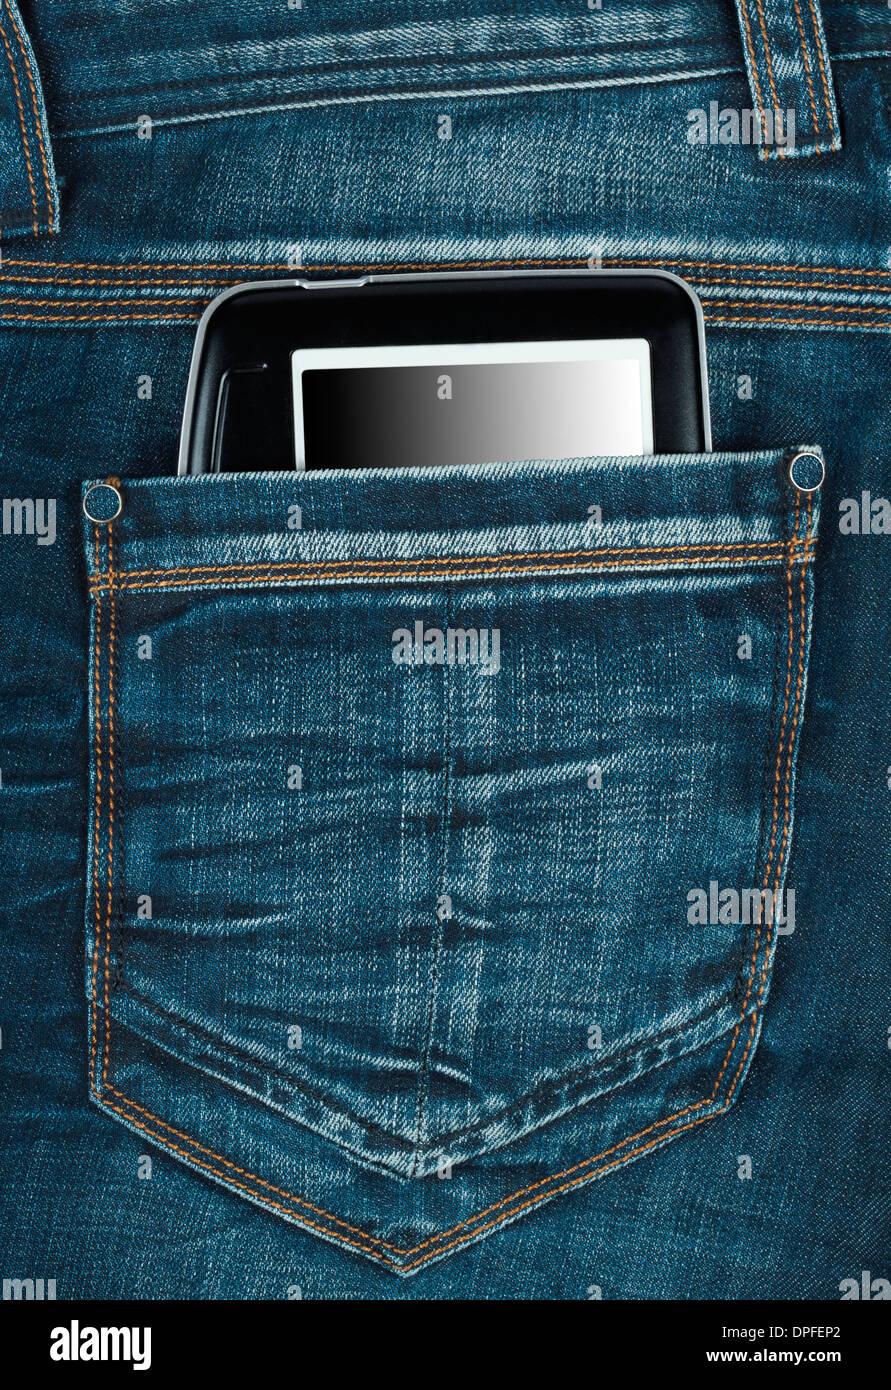 E-livre dans la poche arrière des jeans Photo Stock